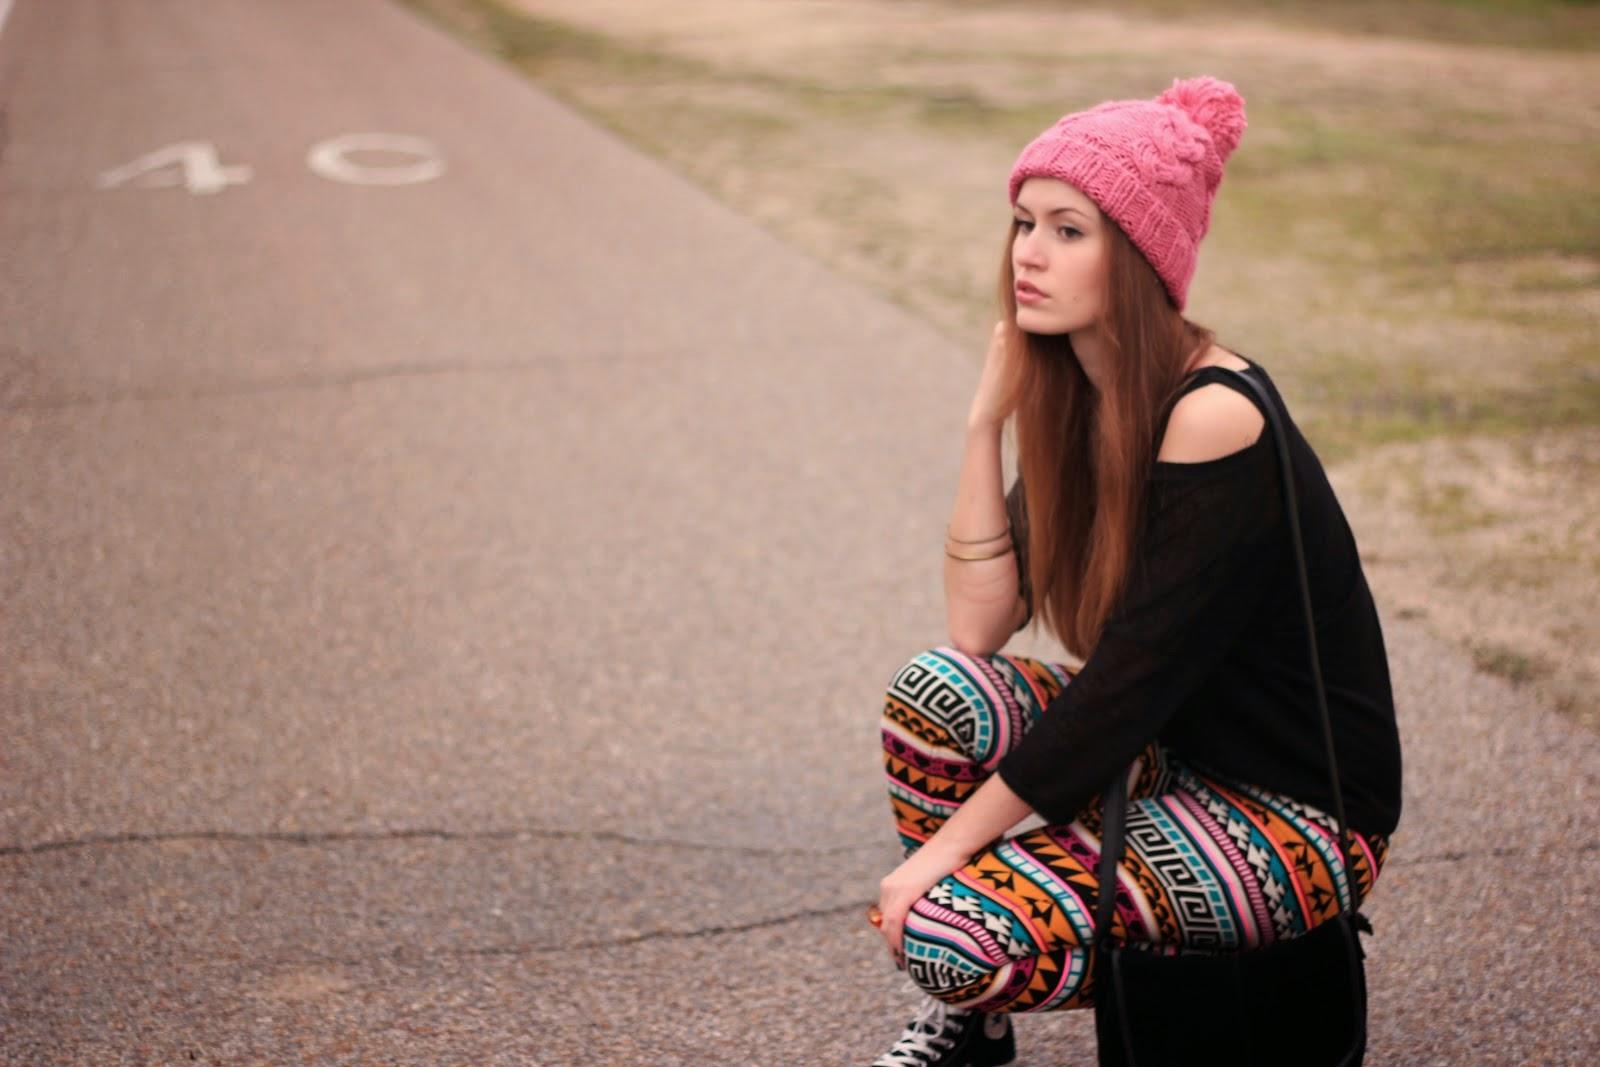 http://outfitdeldia.blogspot.com/2014/05/leggings-estampados-etnicos-o-tribales.html